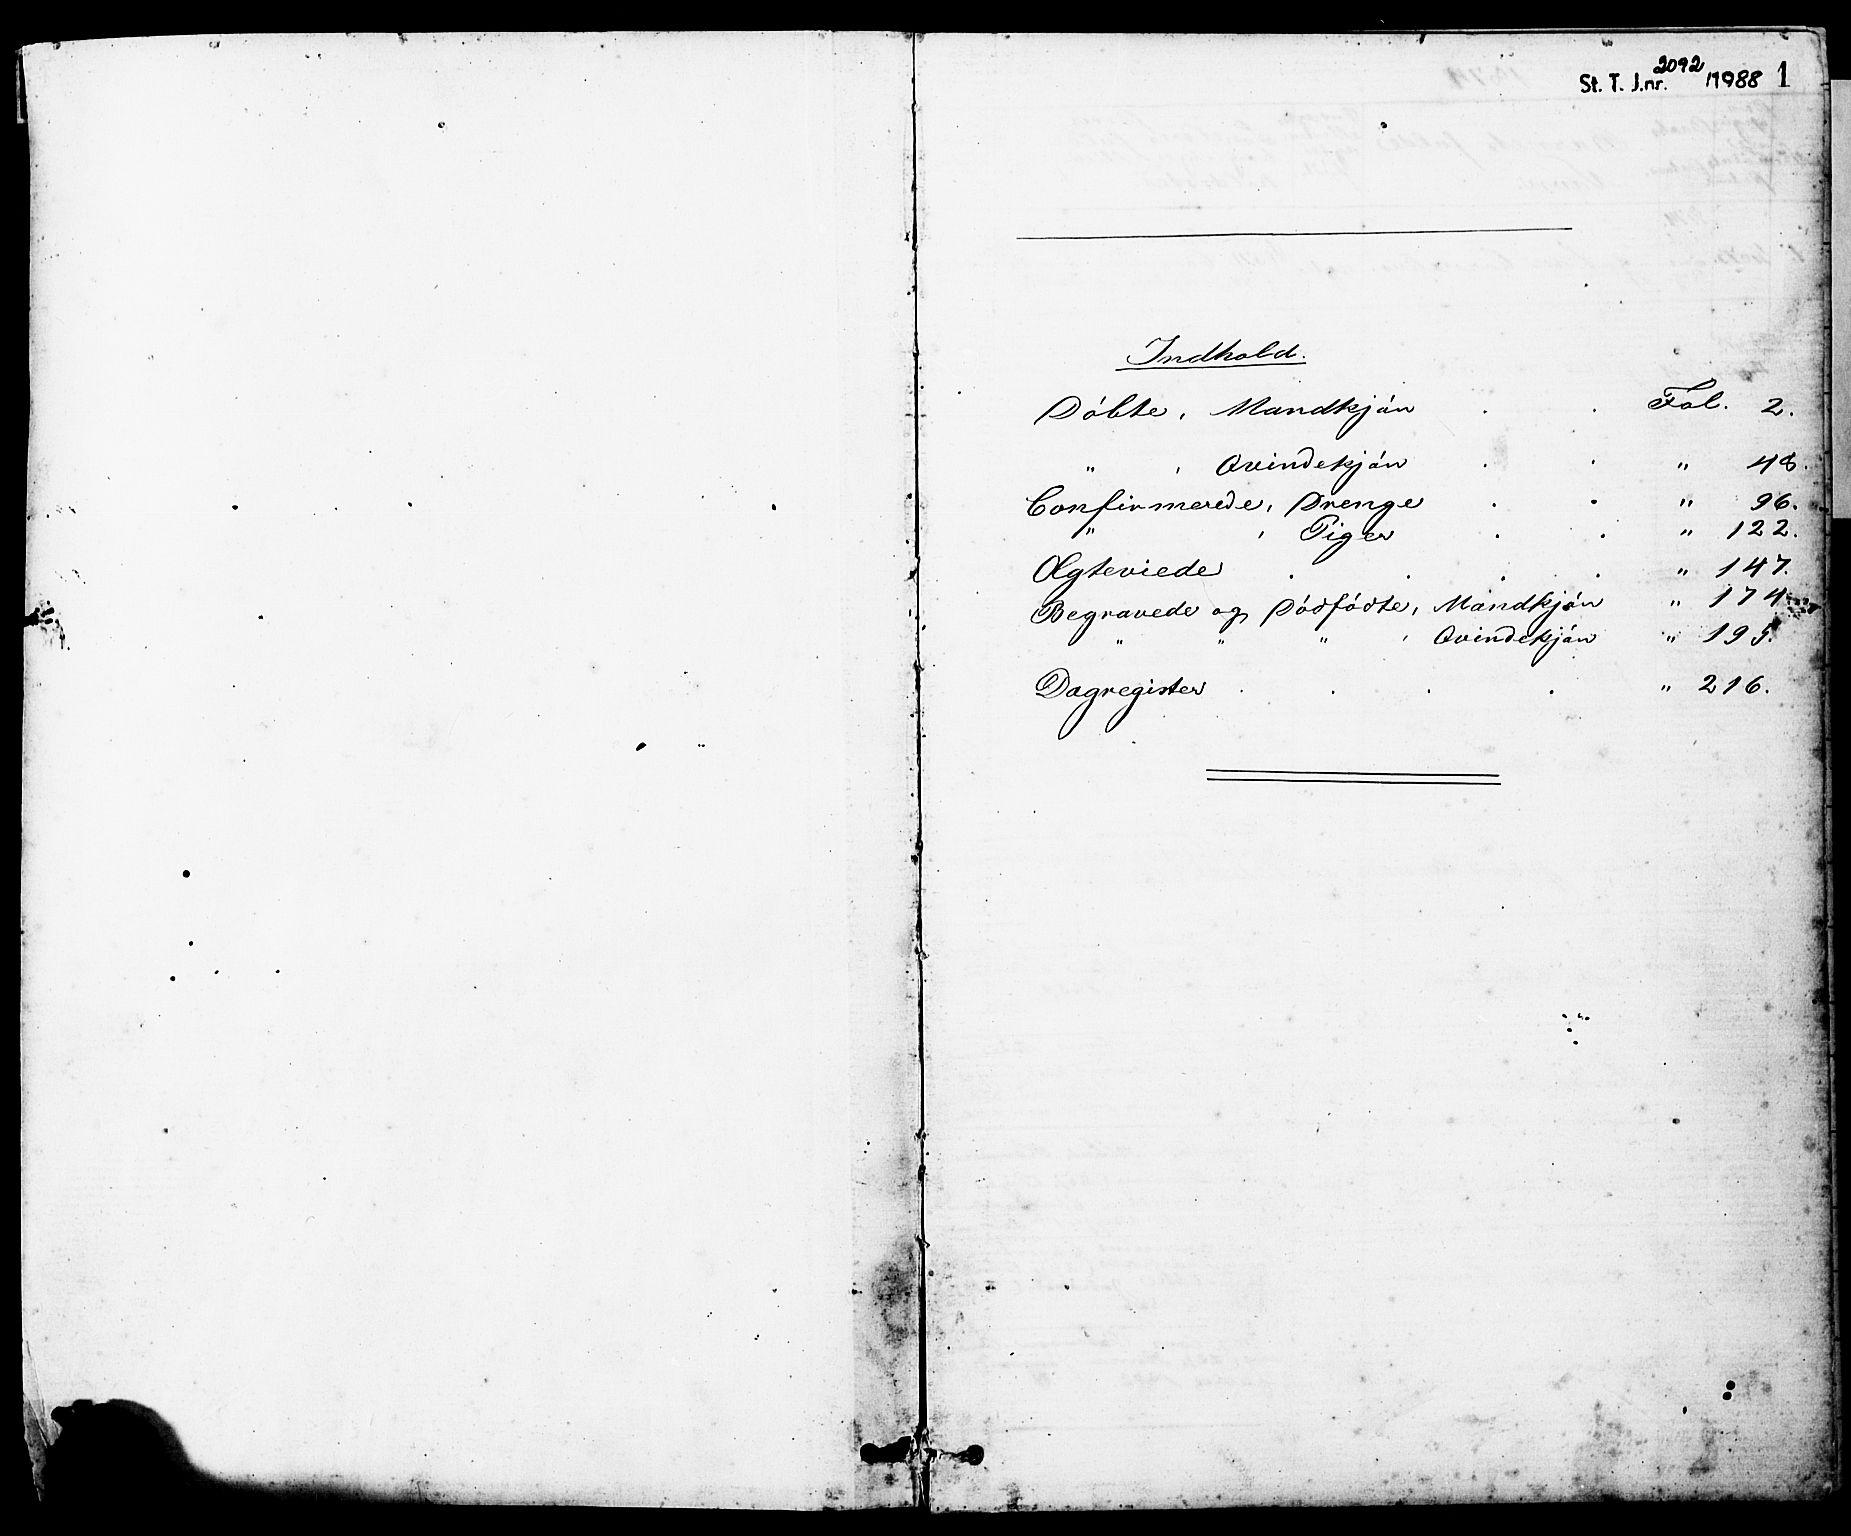 SAT, Ministerialprotokoller, klokkerbøker og fødselsregistre - Sør-Trøndelag, 634/L0541: Klokkerbok nr. 634C03, 1874-1891, s. 1